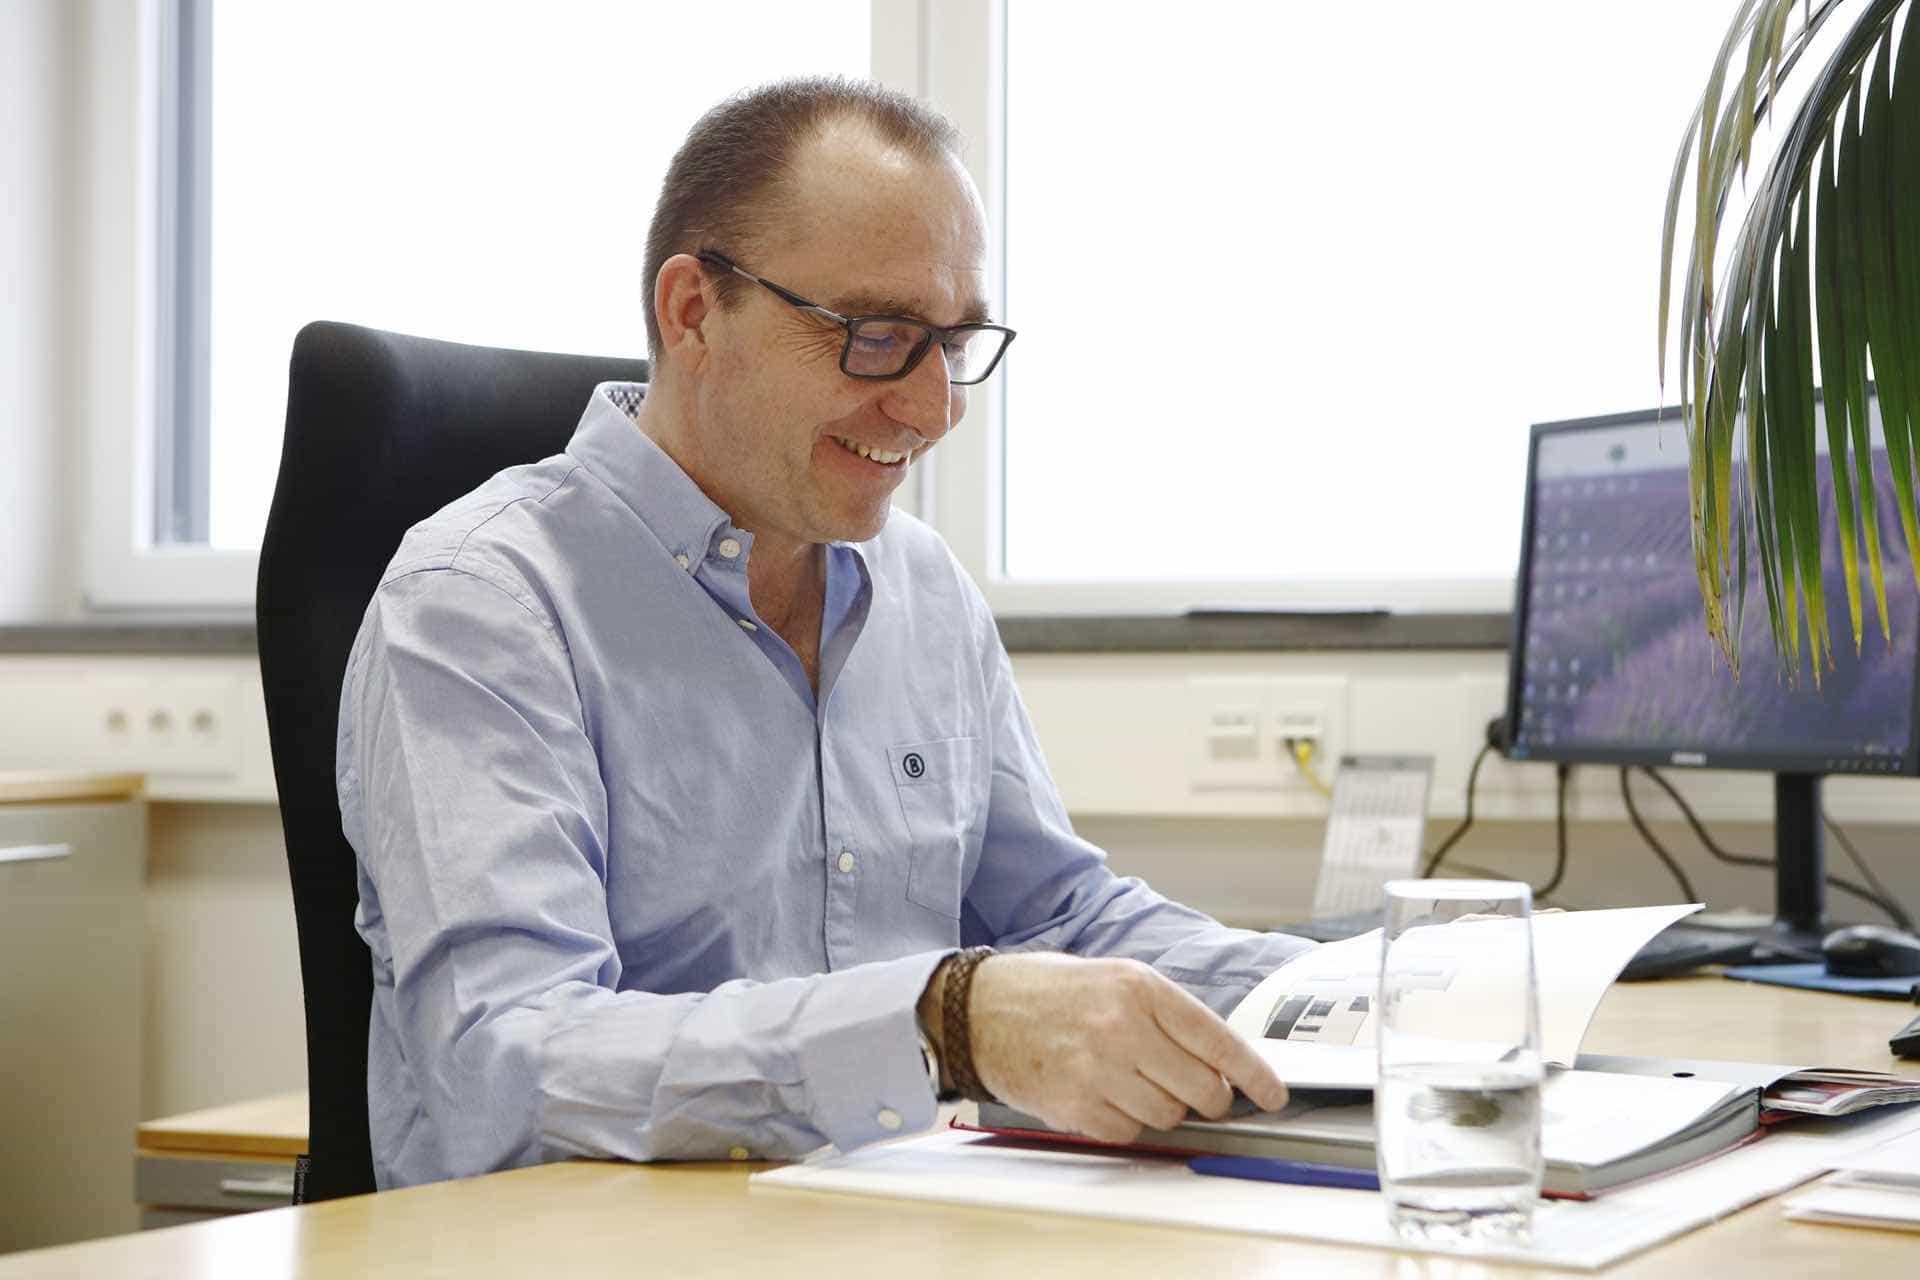 Peter Knecht